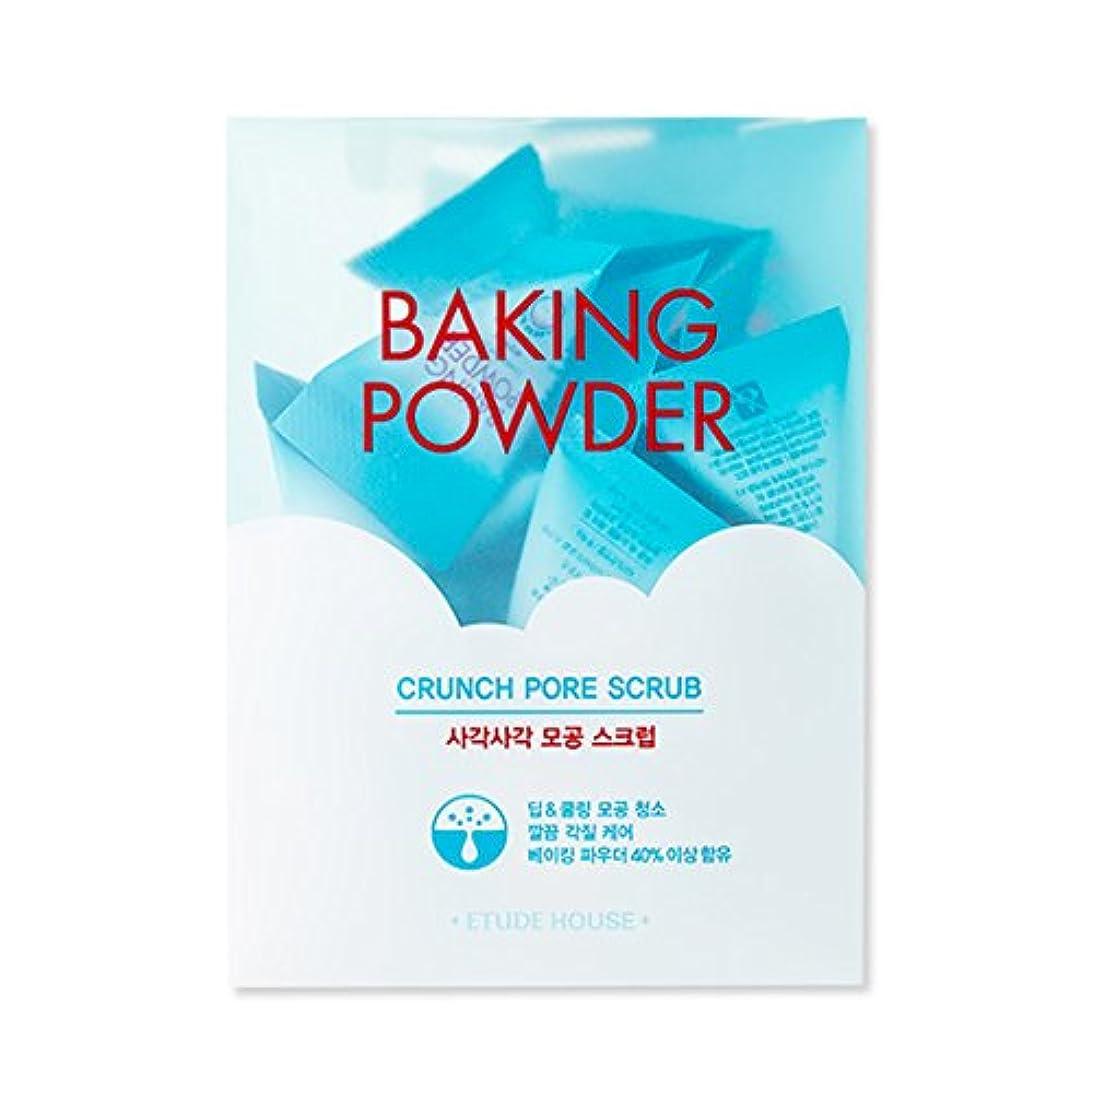 惑星魔女小人[2016 Upgrade!] ETUDE HOUSE Baking Powder Crunch Pore Scrub 7g×24ea/エチュードハウス ベーキング パウダー クランチ ポア スクラブ 7g×24ea [...